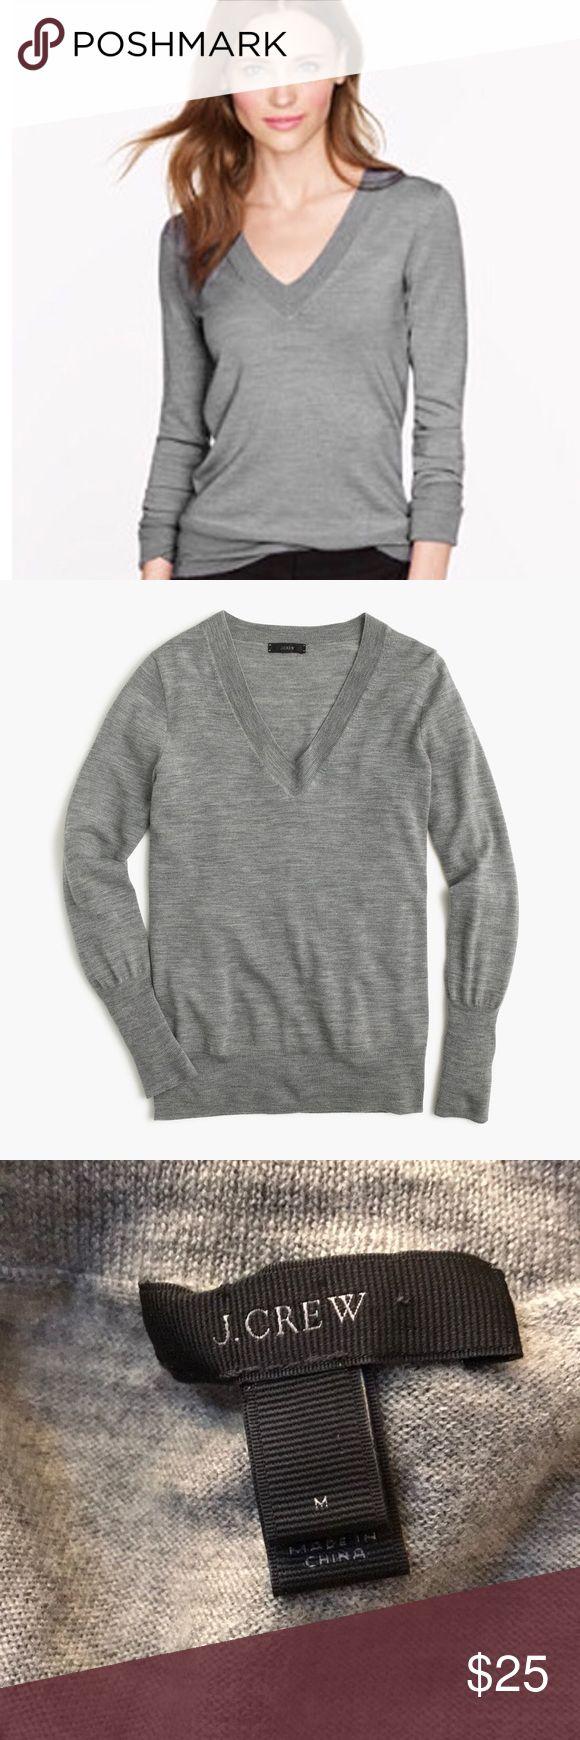 J.Crew Merino wool V-neck sweater M